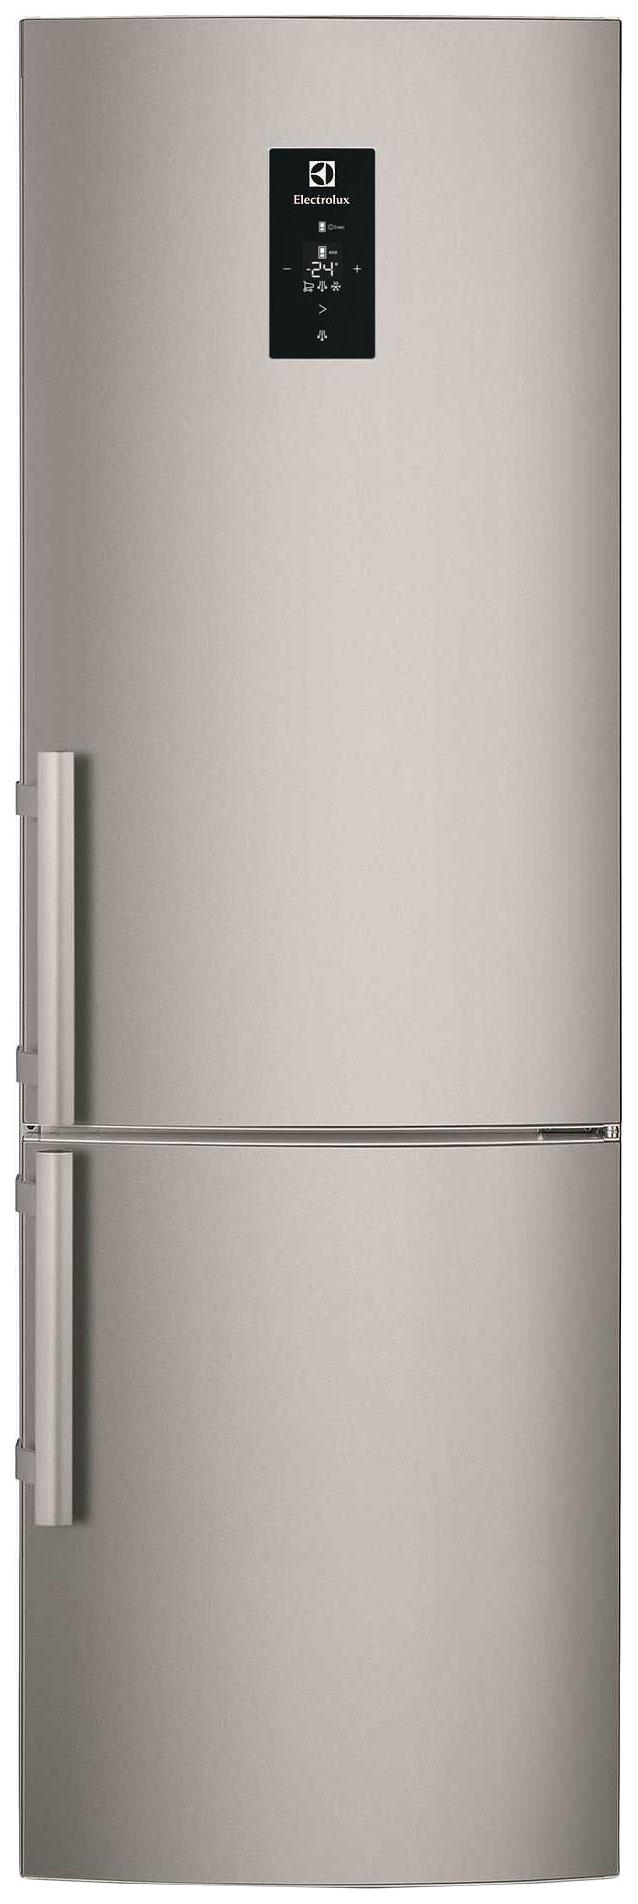 серебристый холодильник картинки программа состоит кардиоупражнений